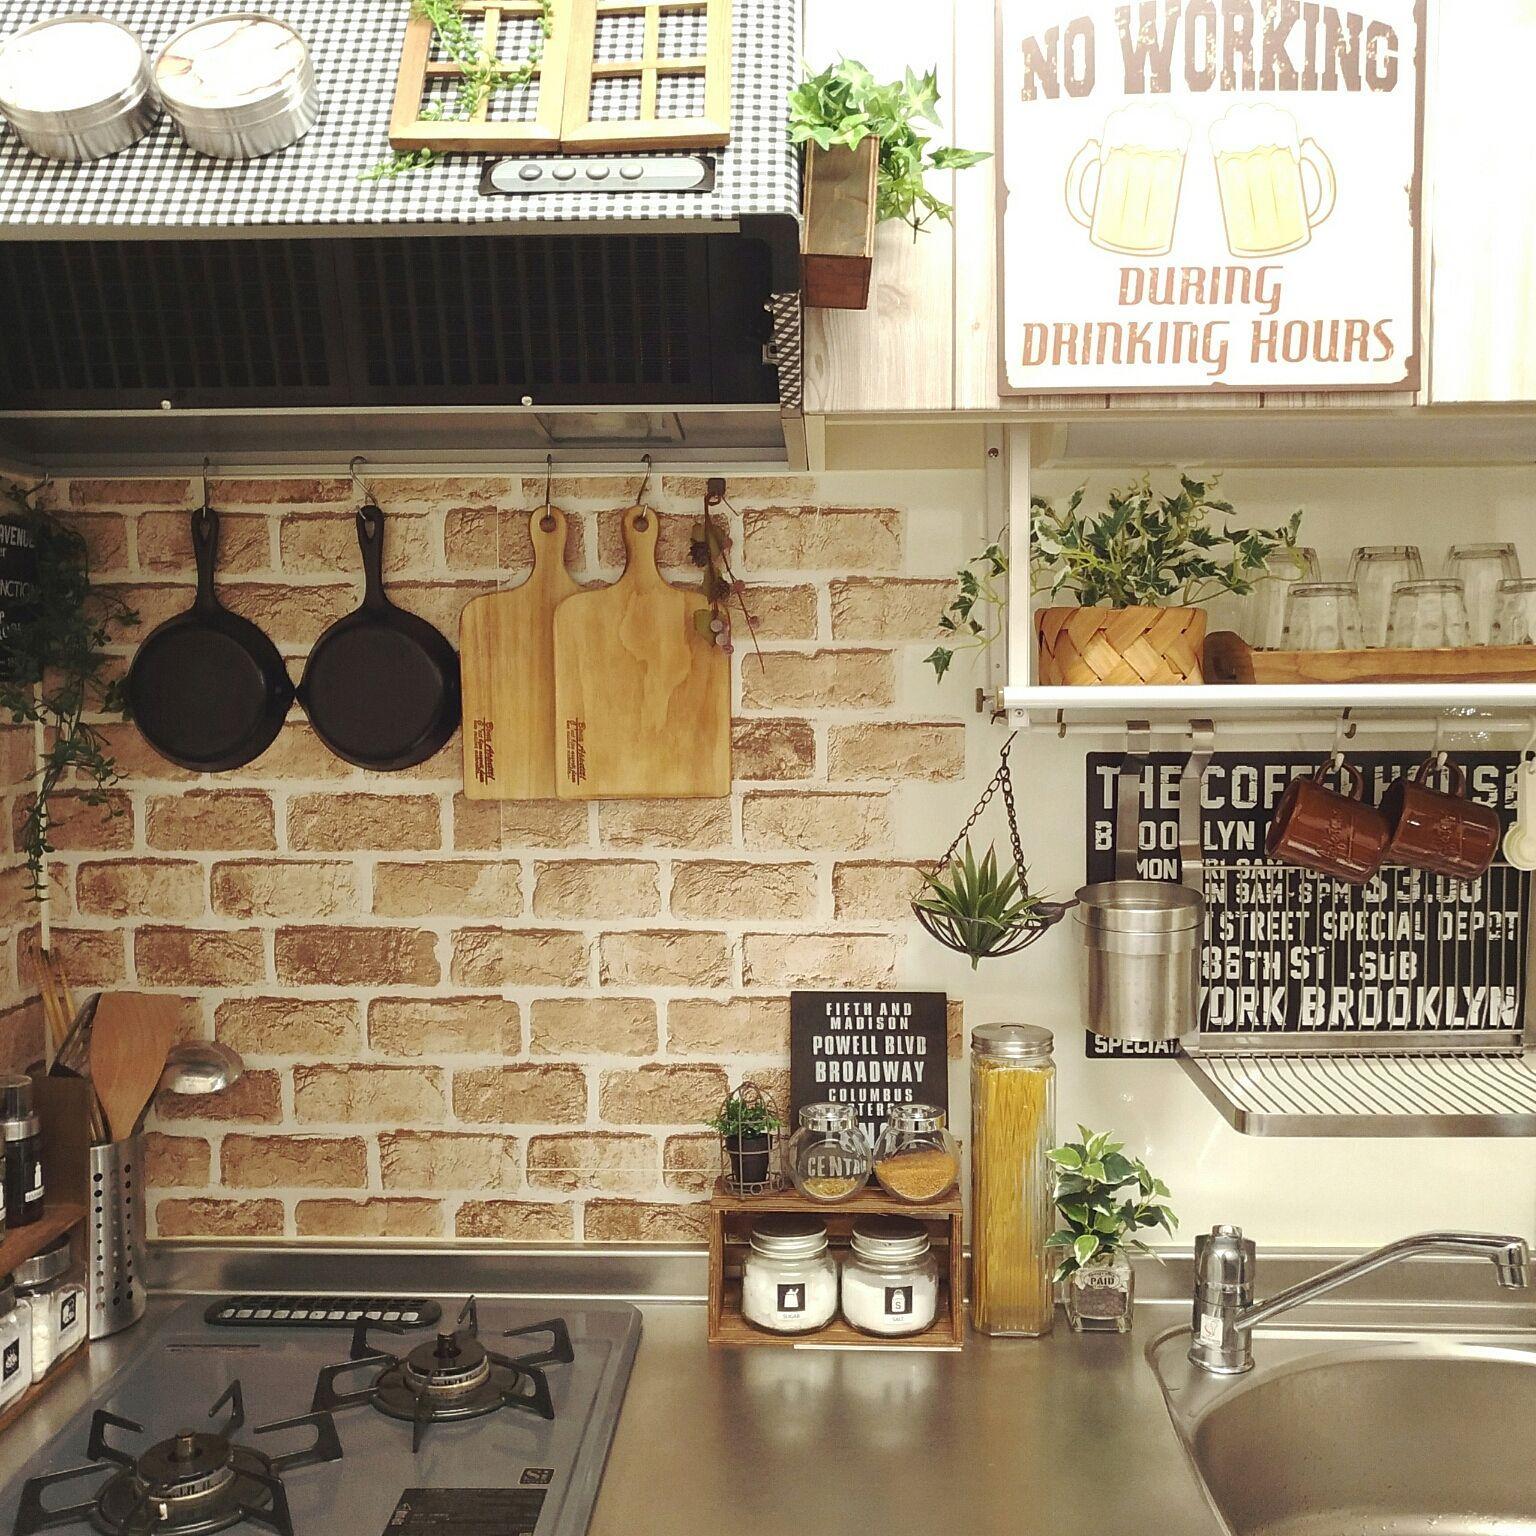 キッチン 1ldk 2人暮らし 賃貸 賃貸アパート などのインテリア実例